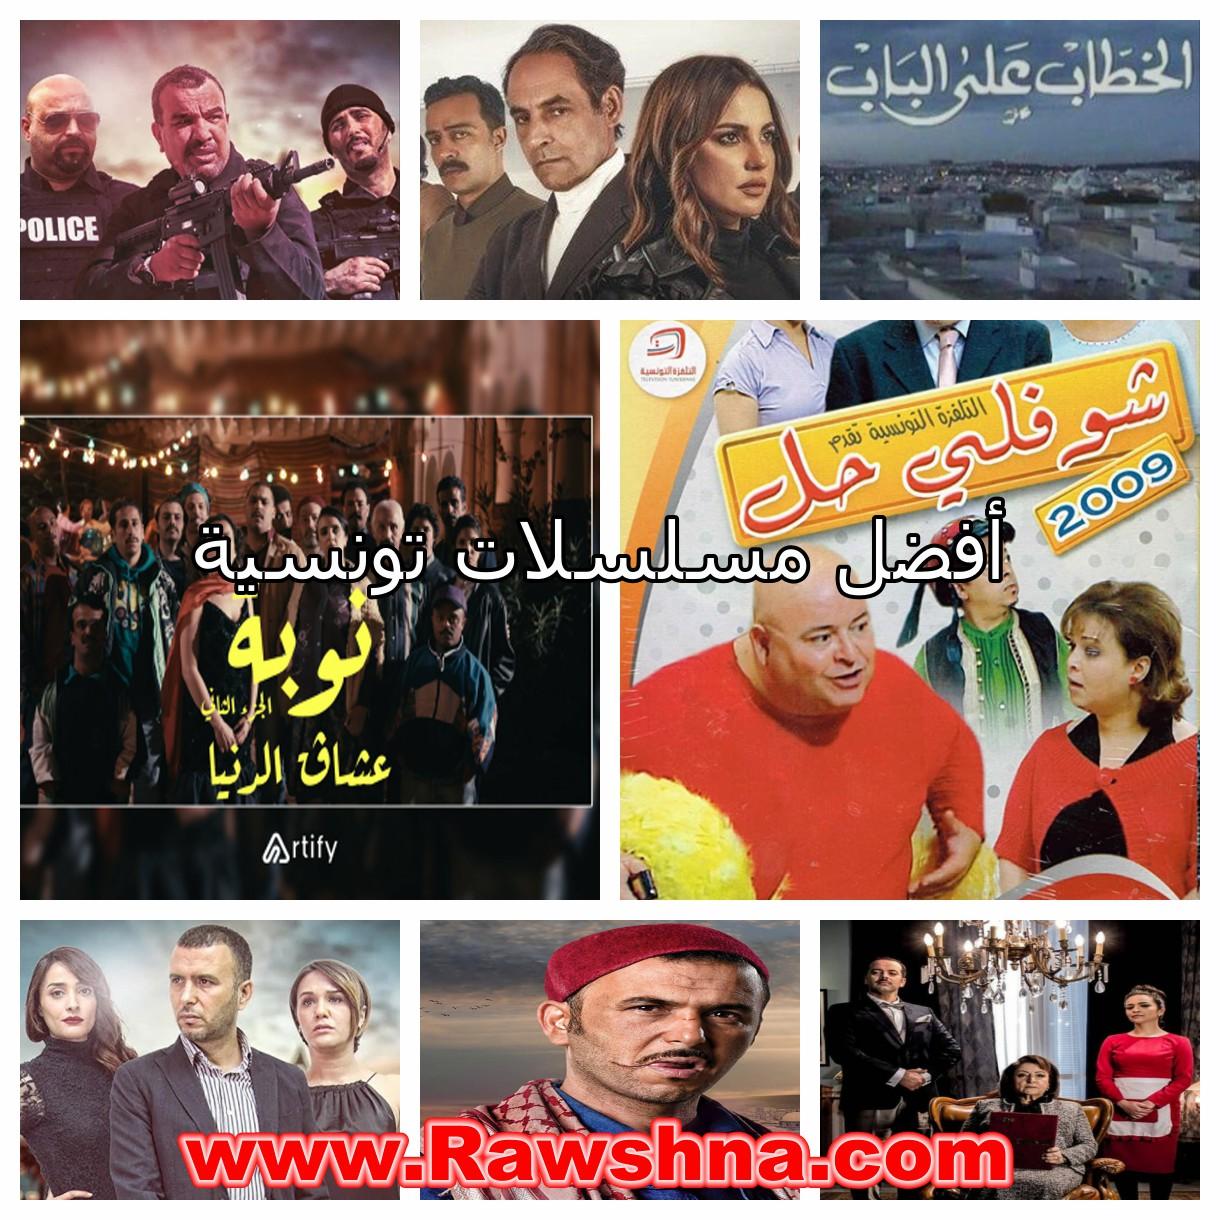 أفضل مسلسلات تونسية على الاطلاق